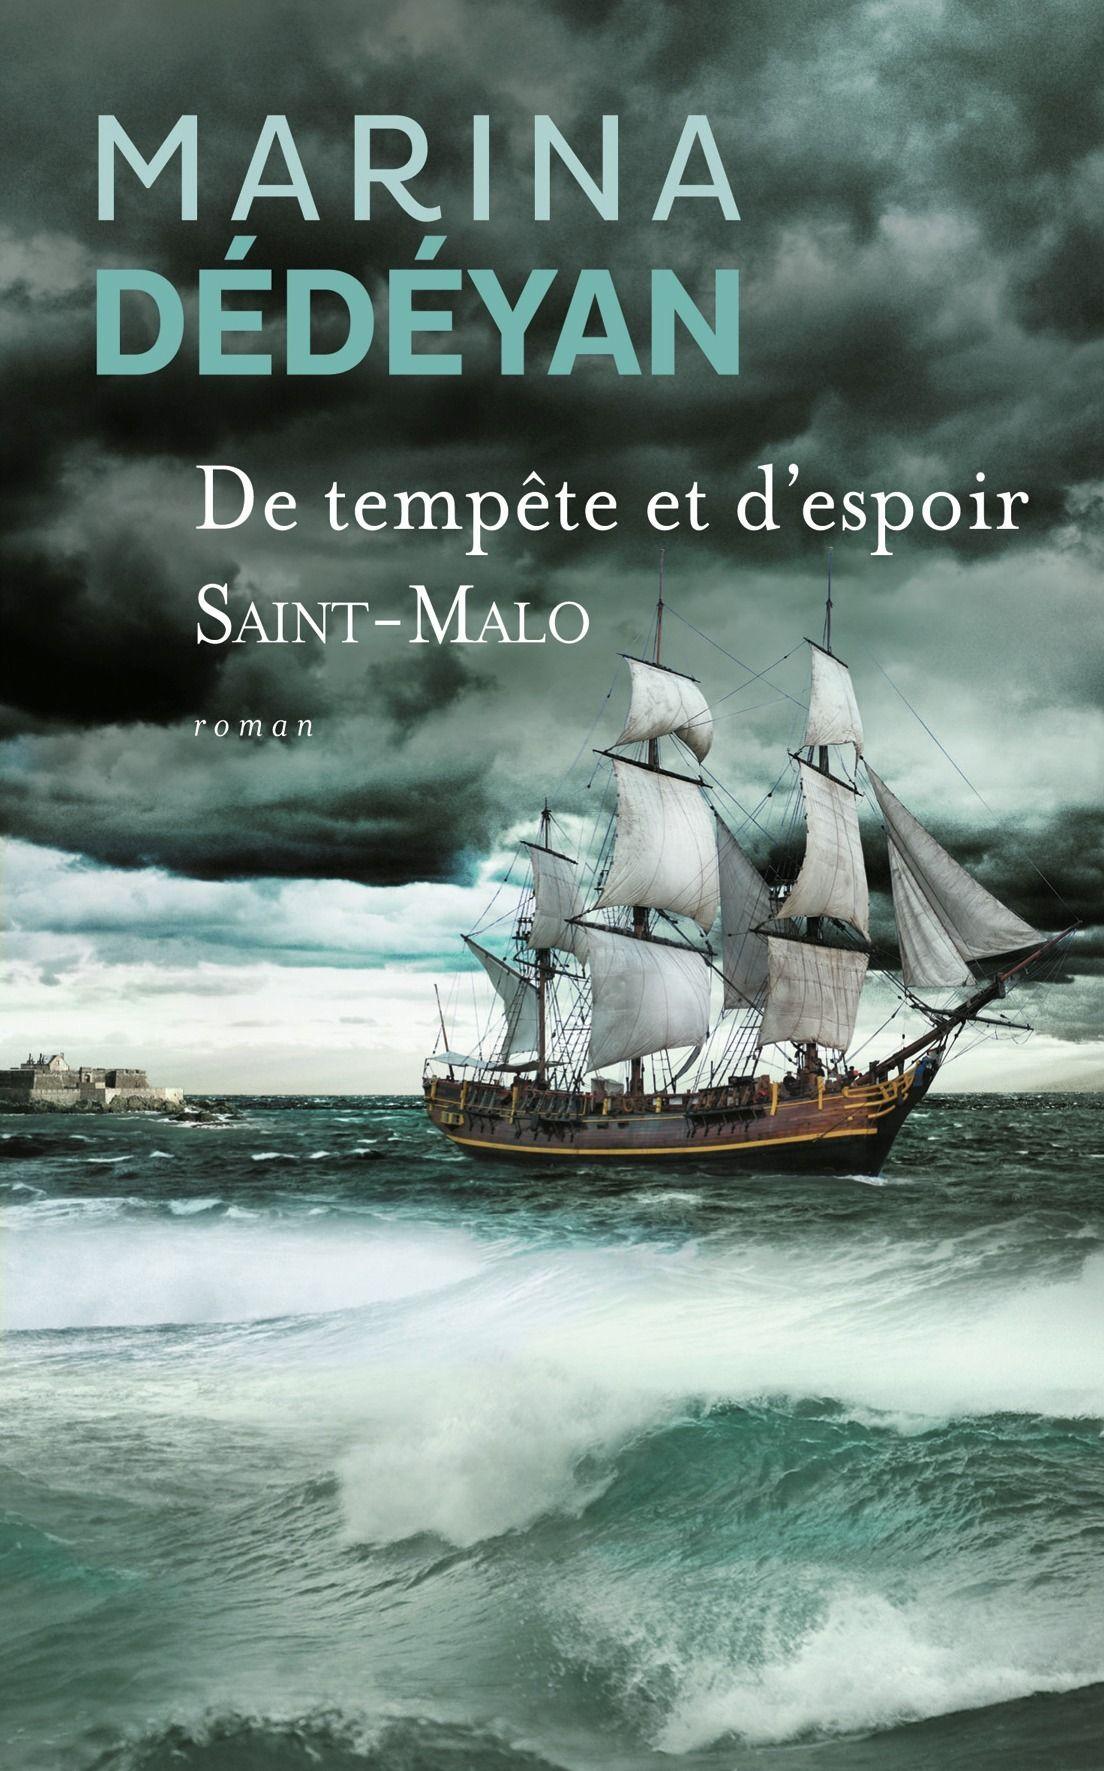 De tempête et d'espoir SaintMalo Marina Dédéyan